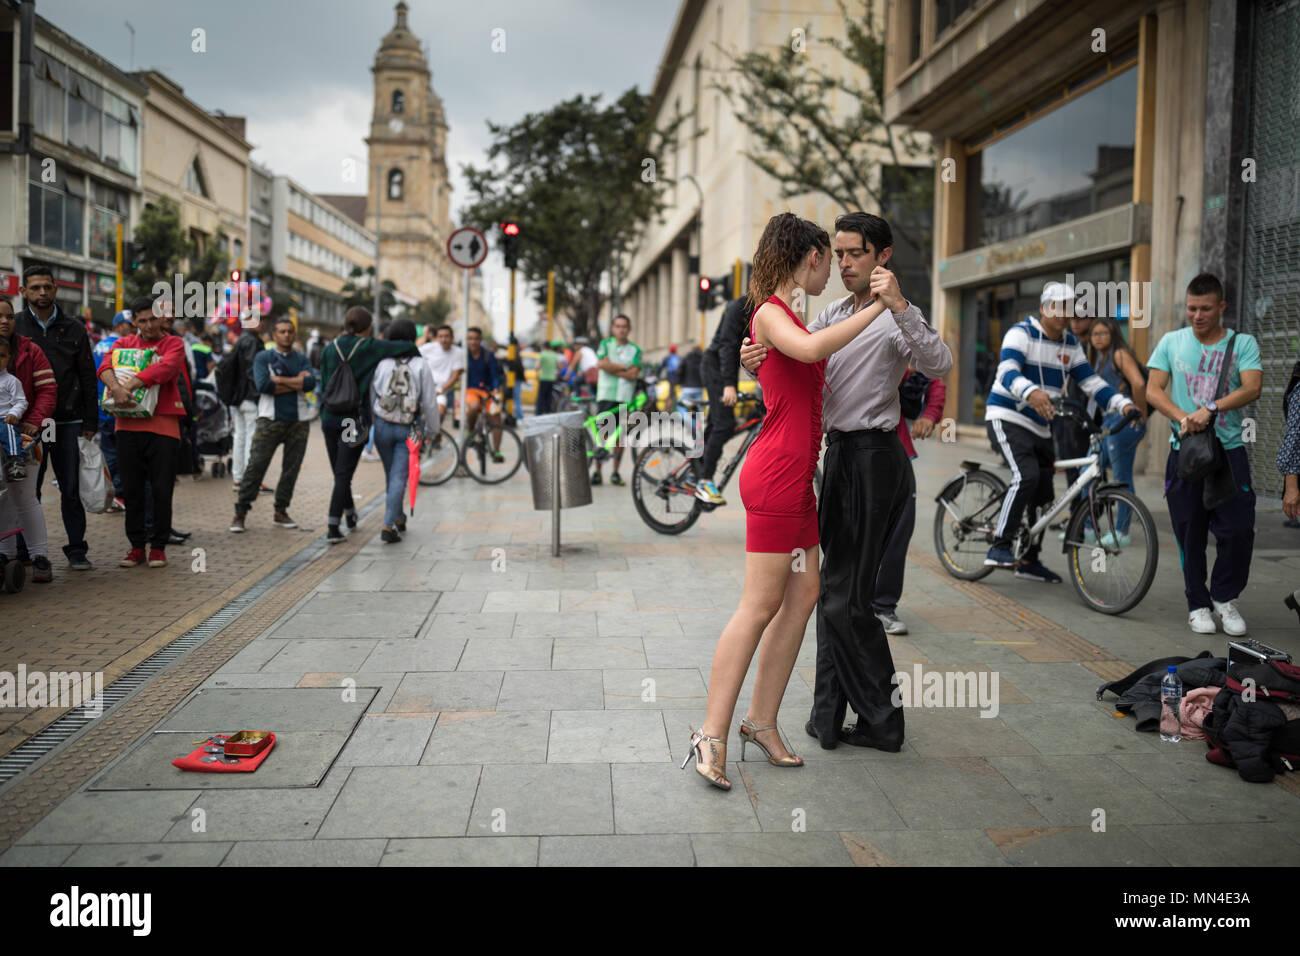 Balli Tango, Carrera 7, Bogotà, Colombia, Sud America Immagini Stock